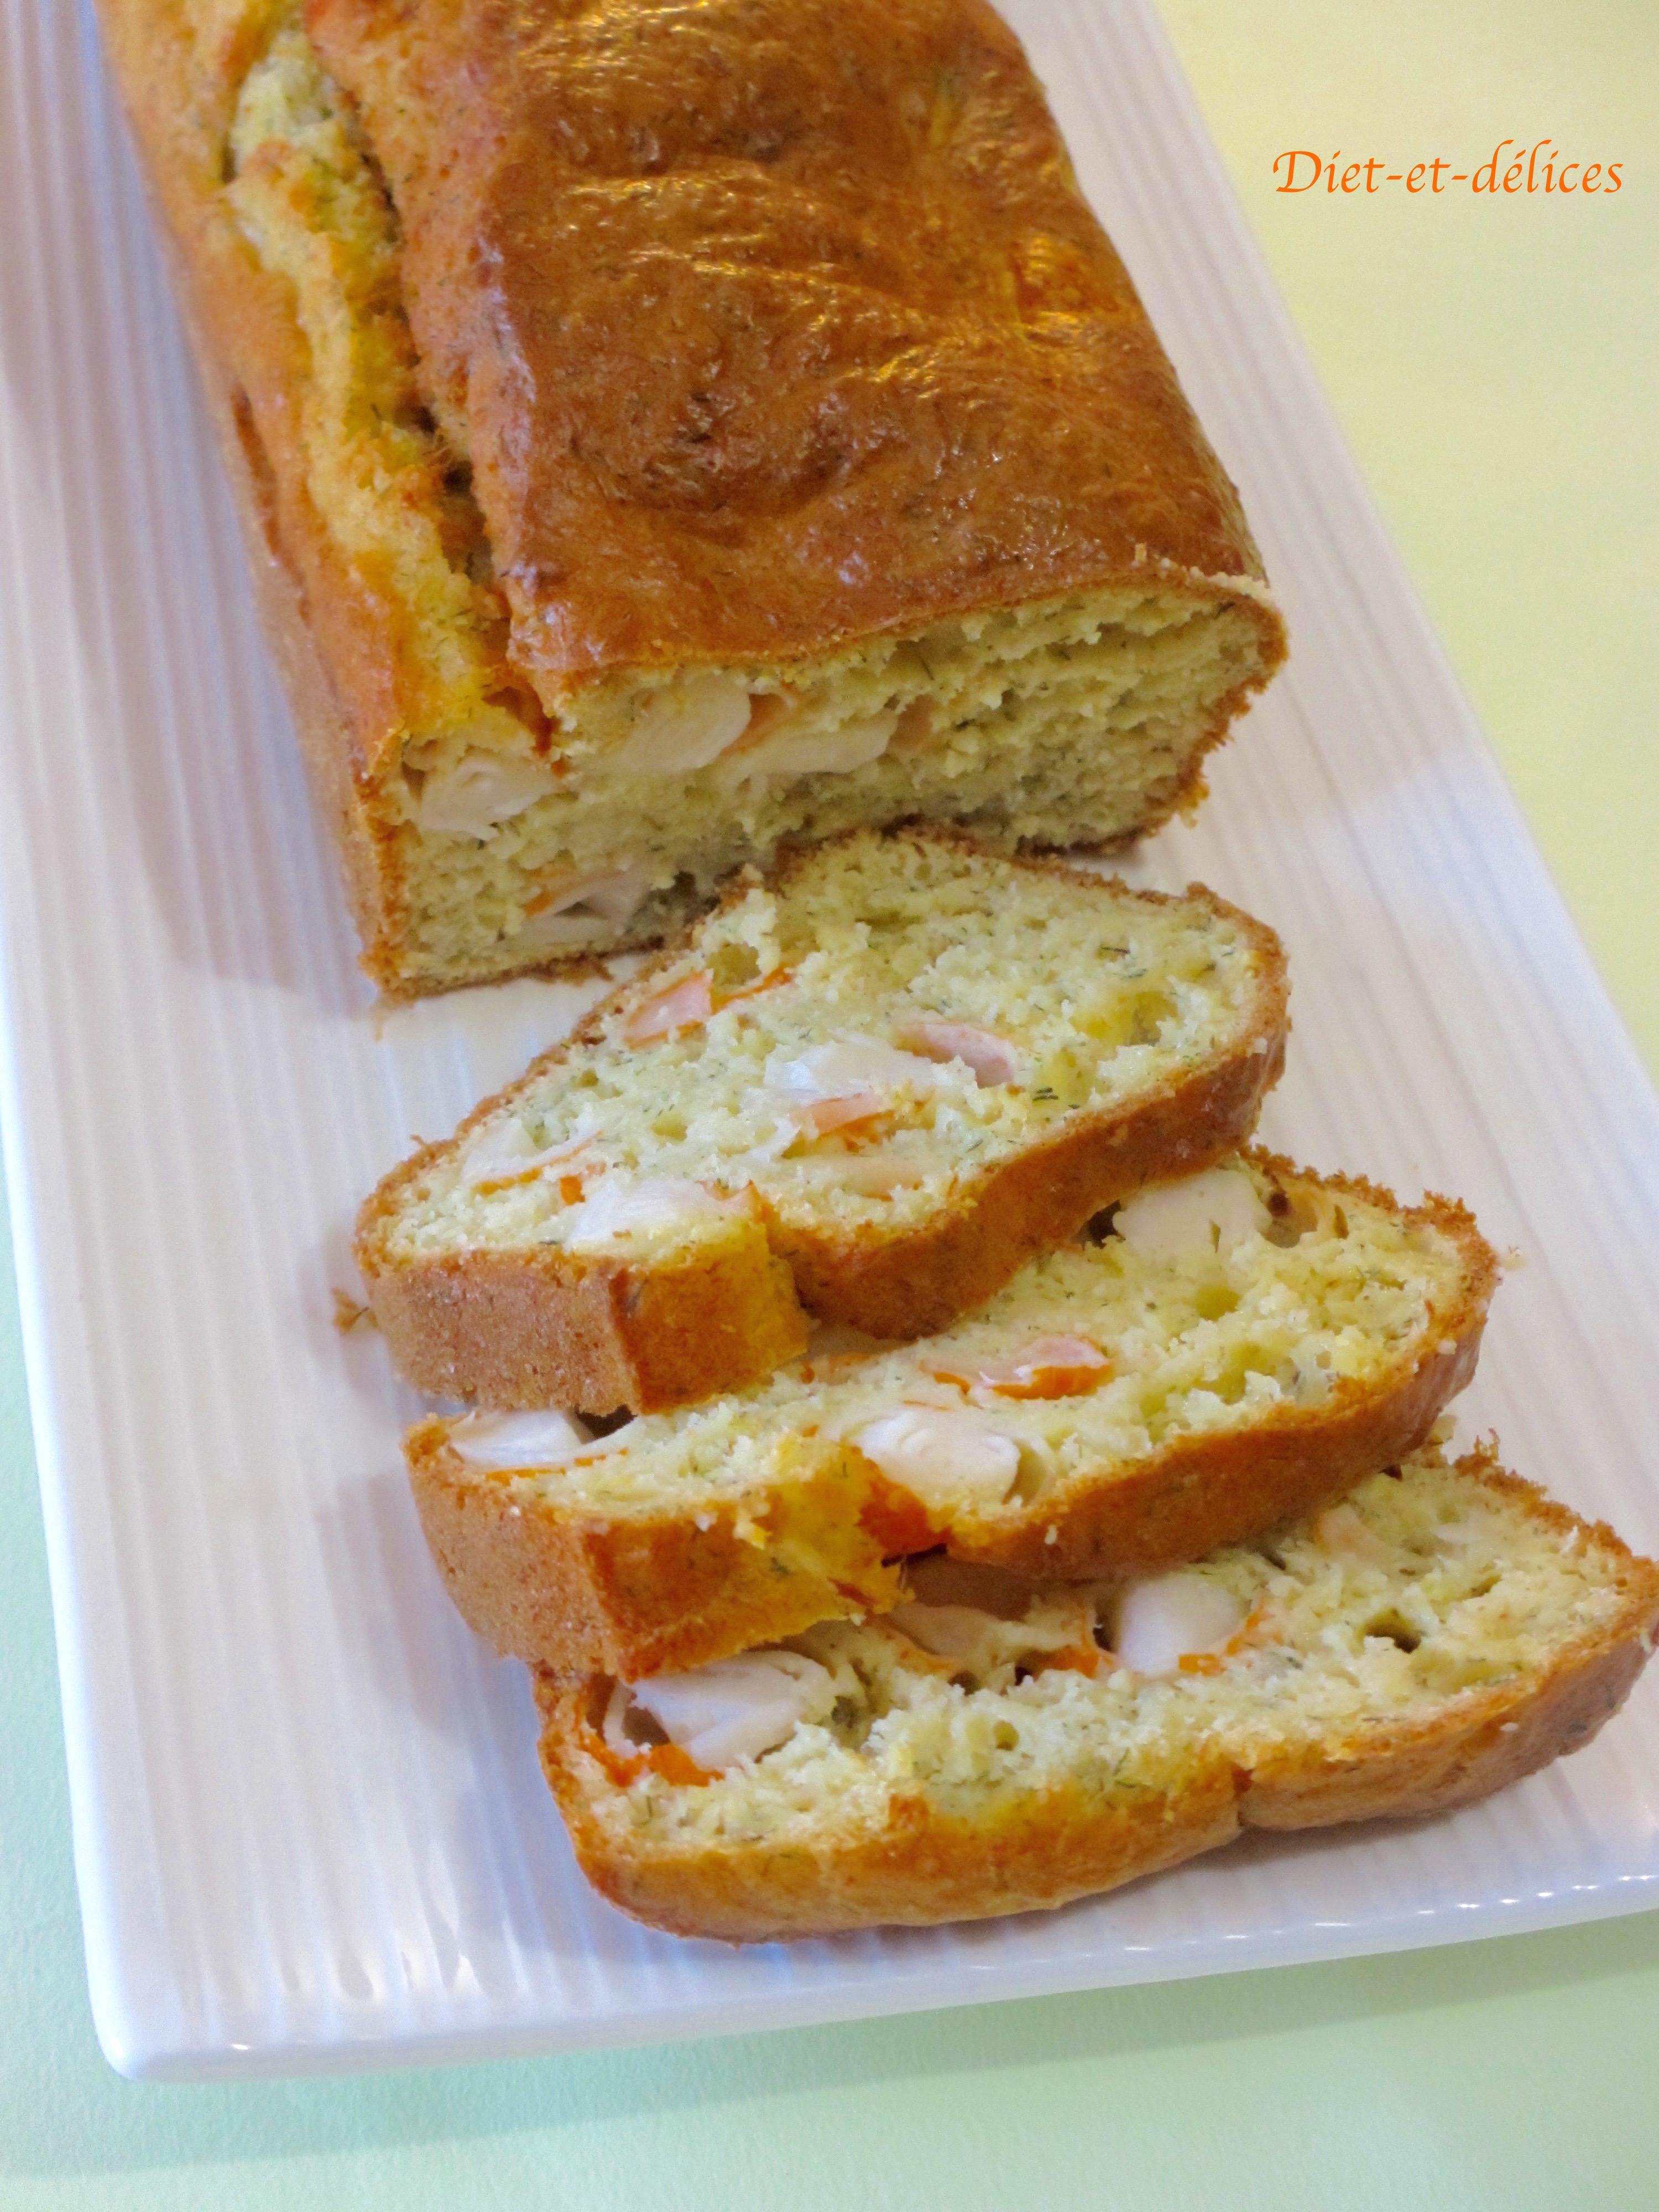 Cake De La Mer Au Surimi Et Miettes De Crabe Diet D Lices Recettes Diet Tiques